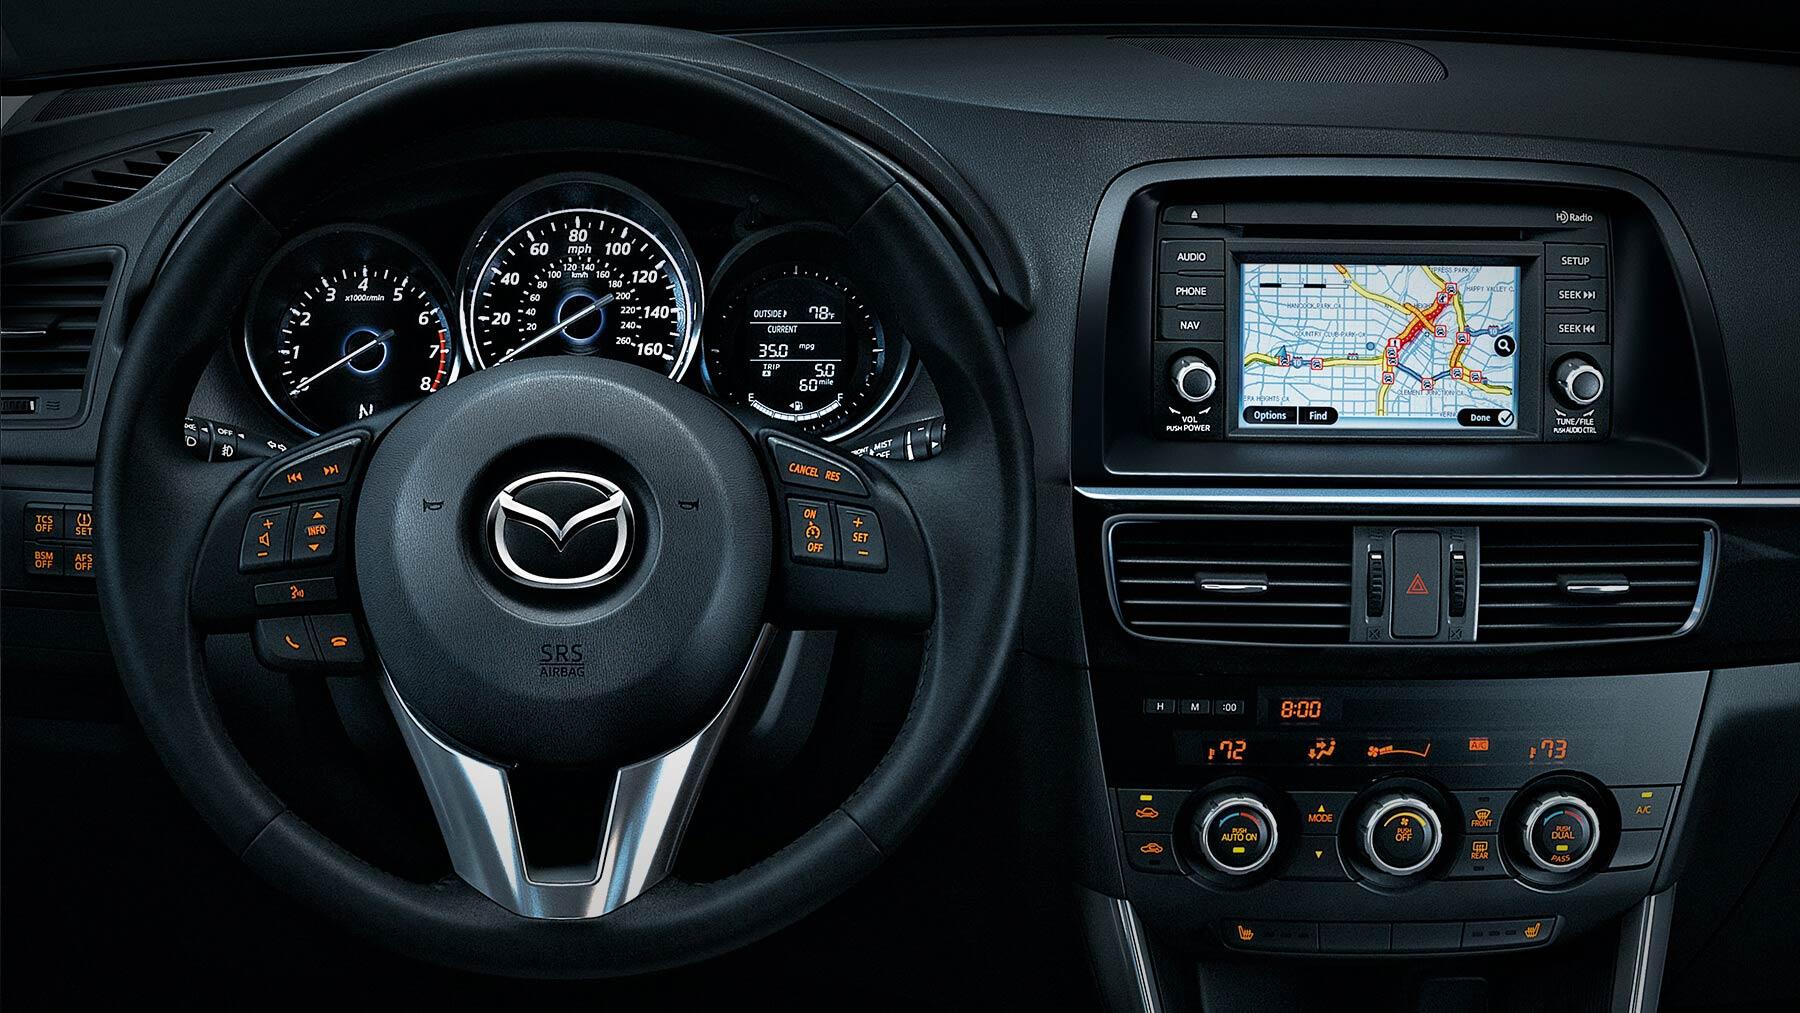 2016 Mazda CX-5 Crossover SUV - Fuel Efficient SUV | Mazda USA